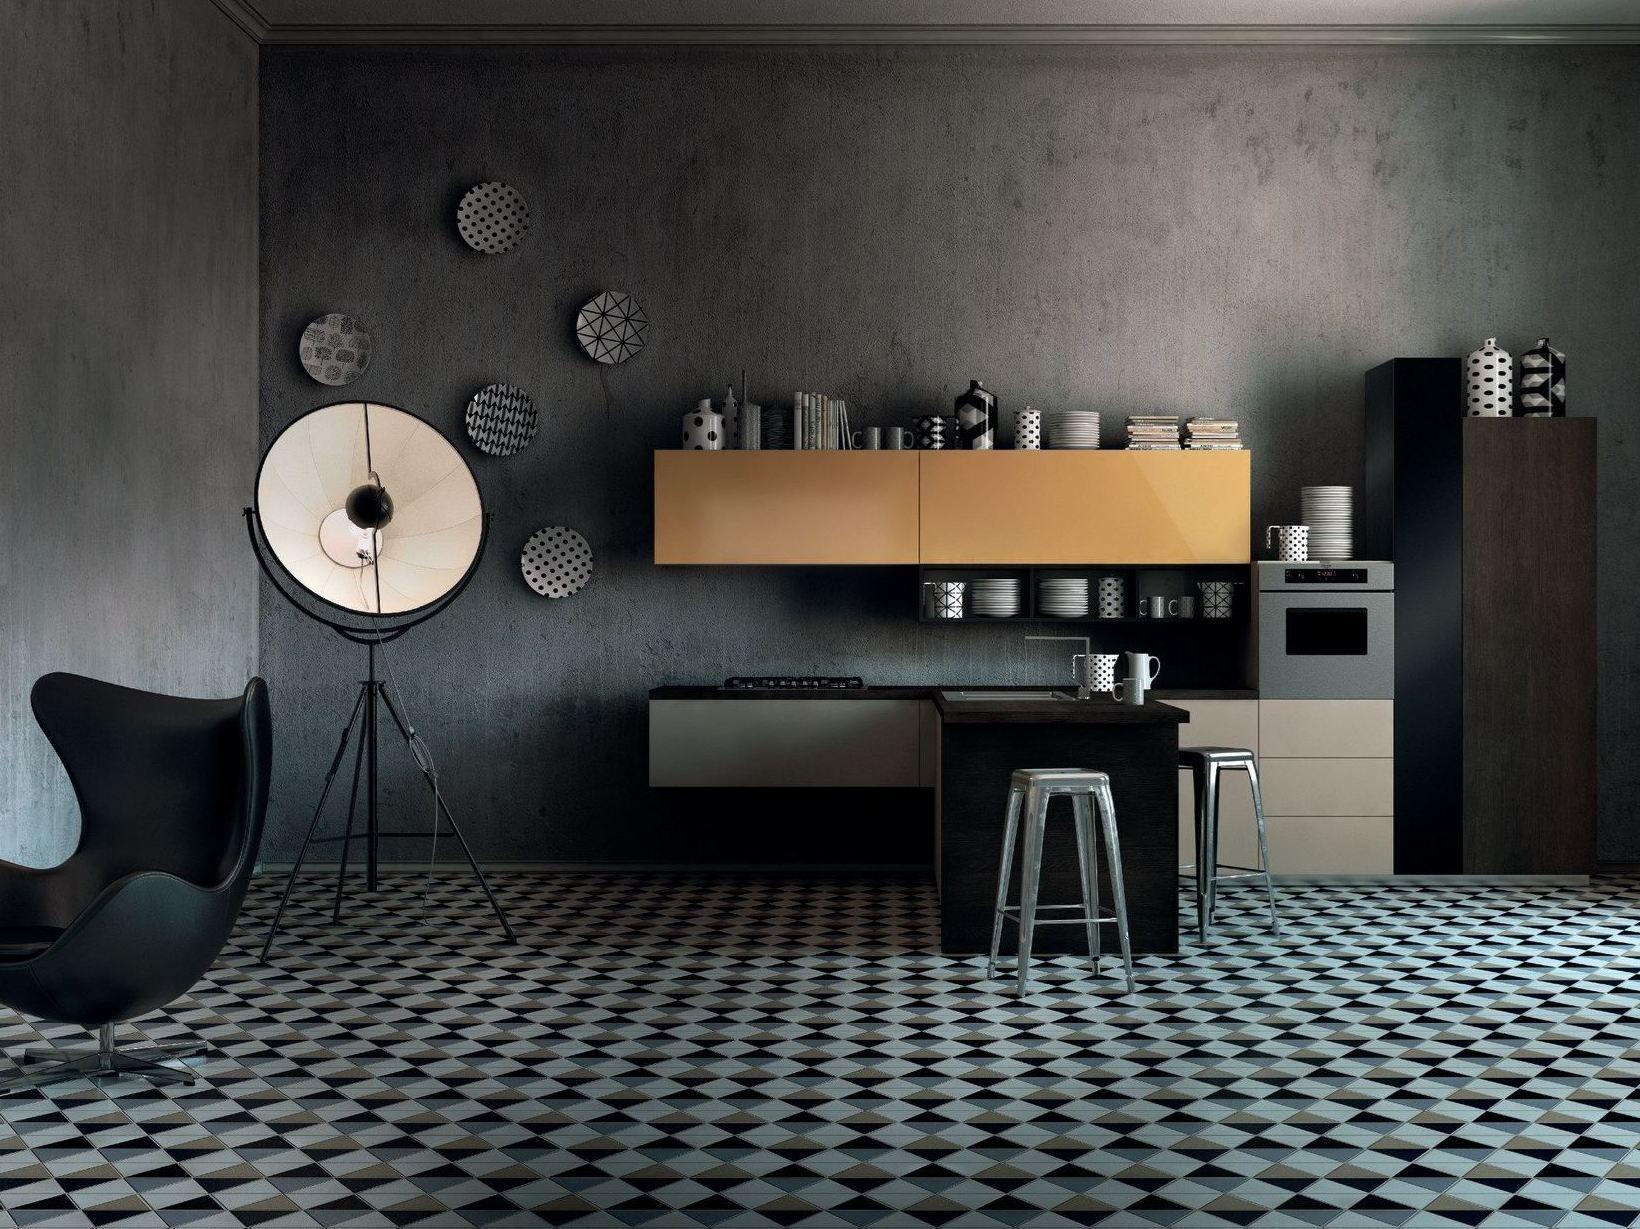 mobili cucina e complementi prodotti del tongo archiproducts